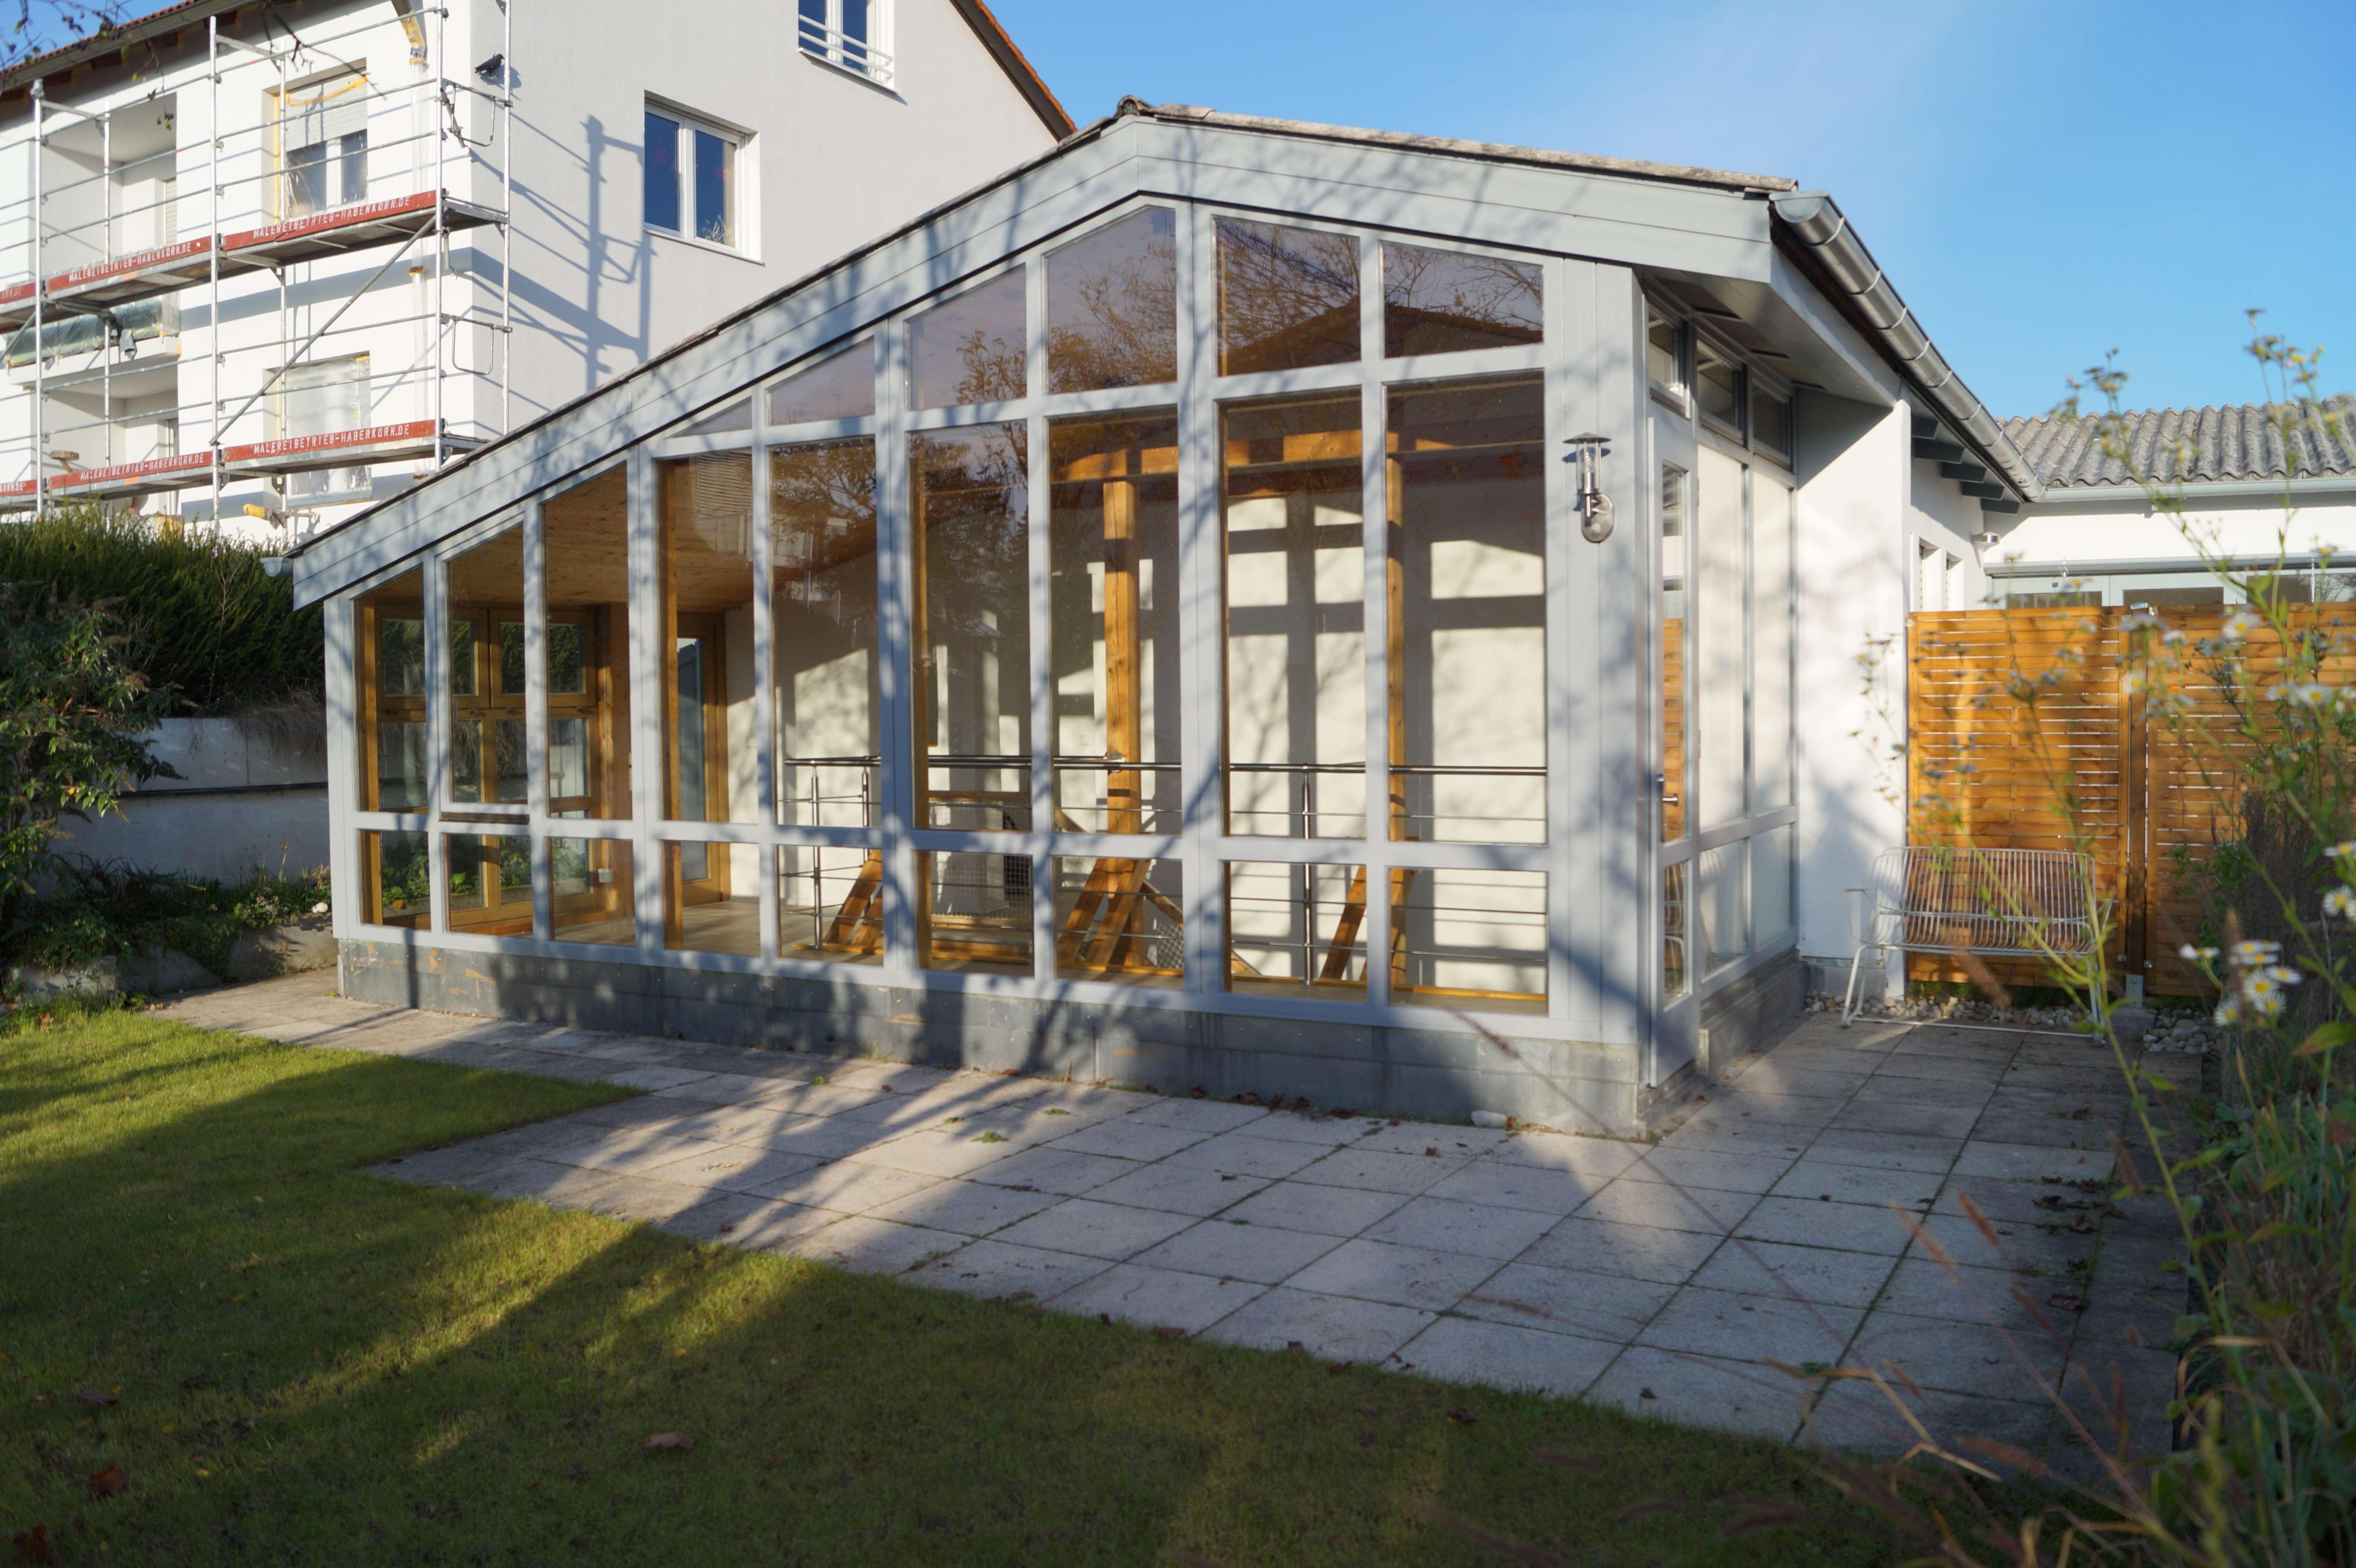 Modern renovierte 3,5 Zimmer Maisonette-Wohnung 110 m² mit Garten in Doppelhaushälfte in Germering (Fürstenfeldbruck)